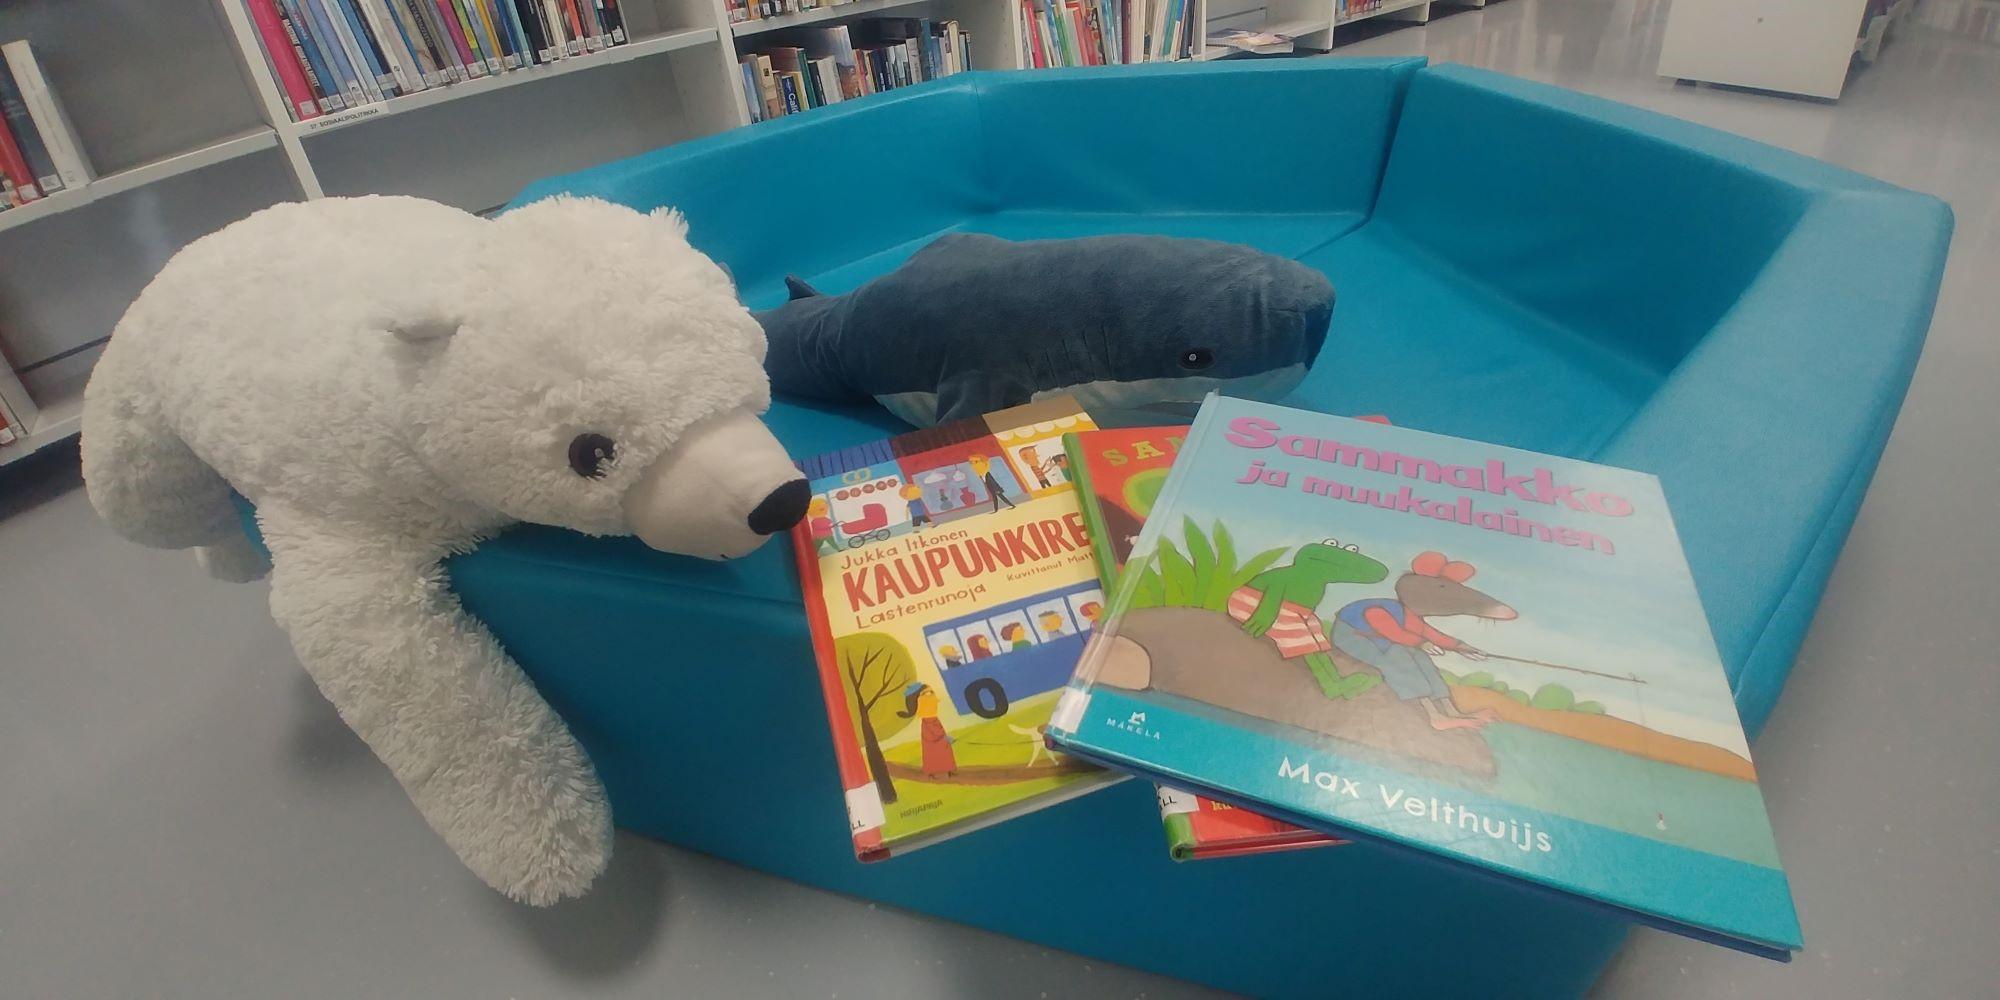 Jääkarhu ja valas lasten kirjallisuuteen perehtymässä